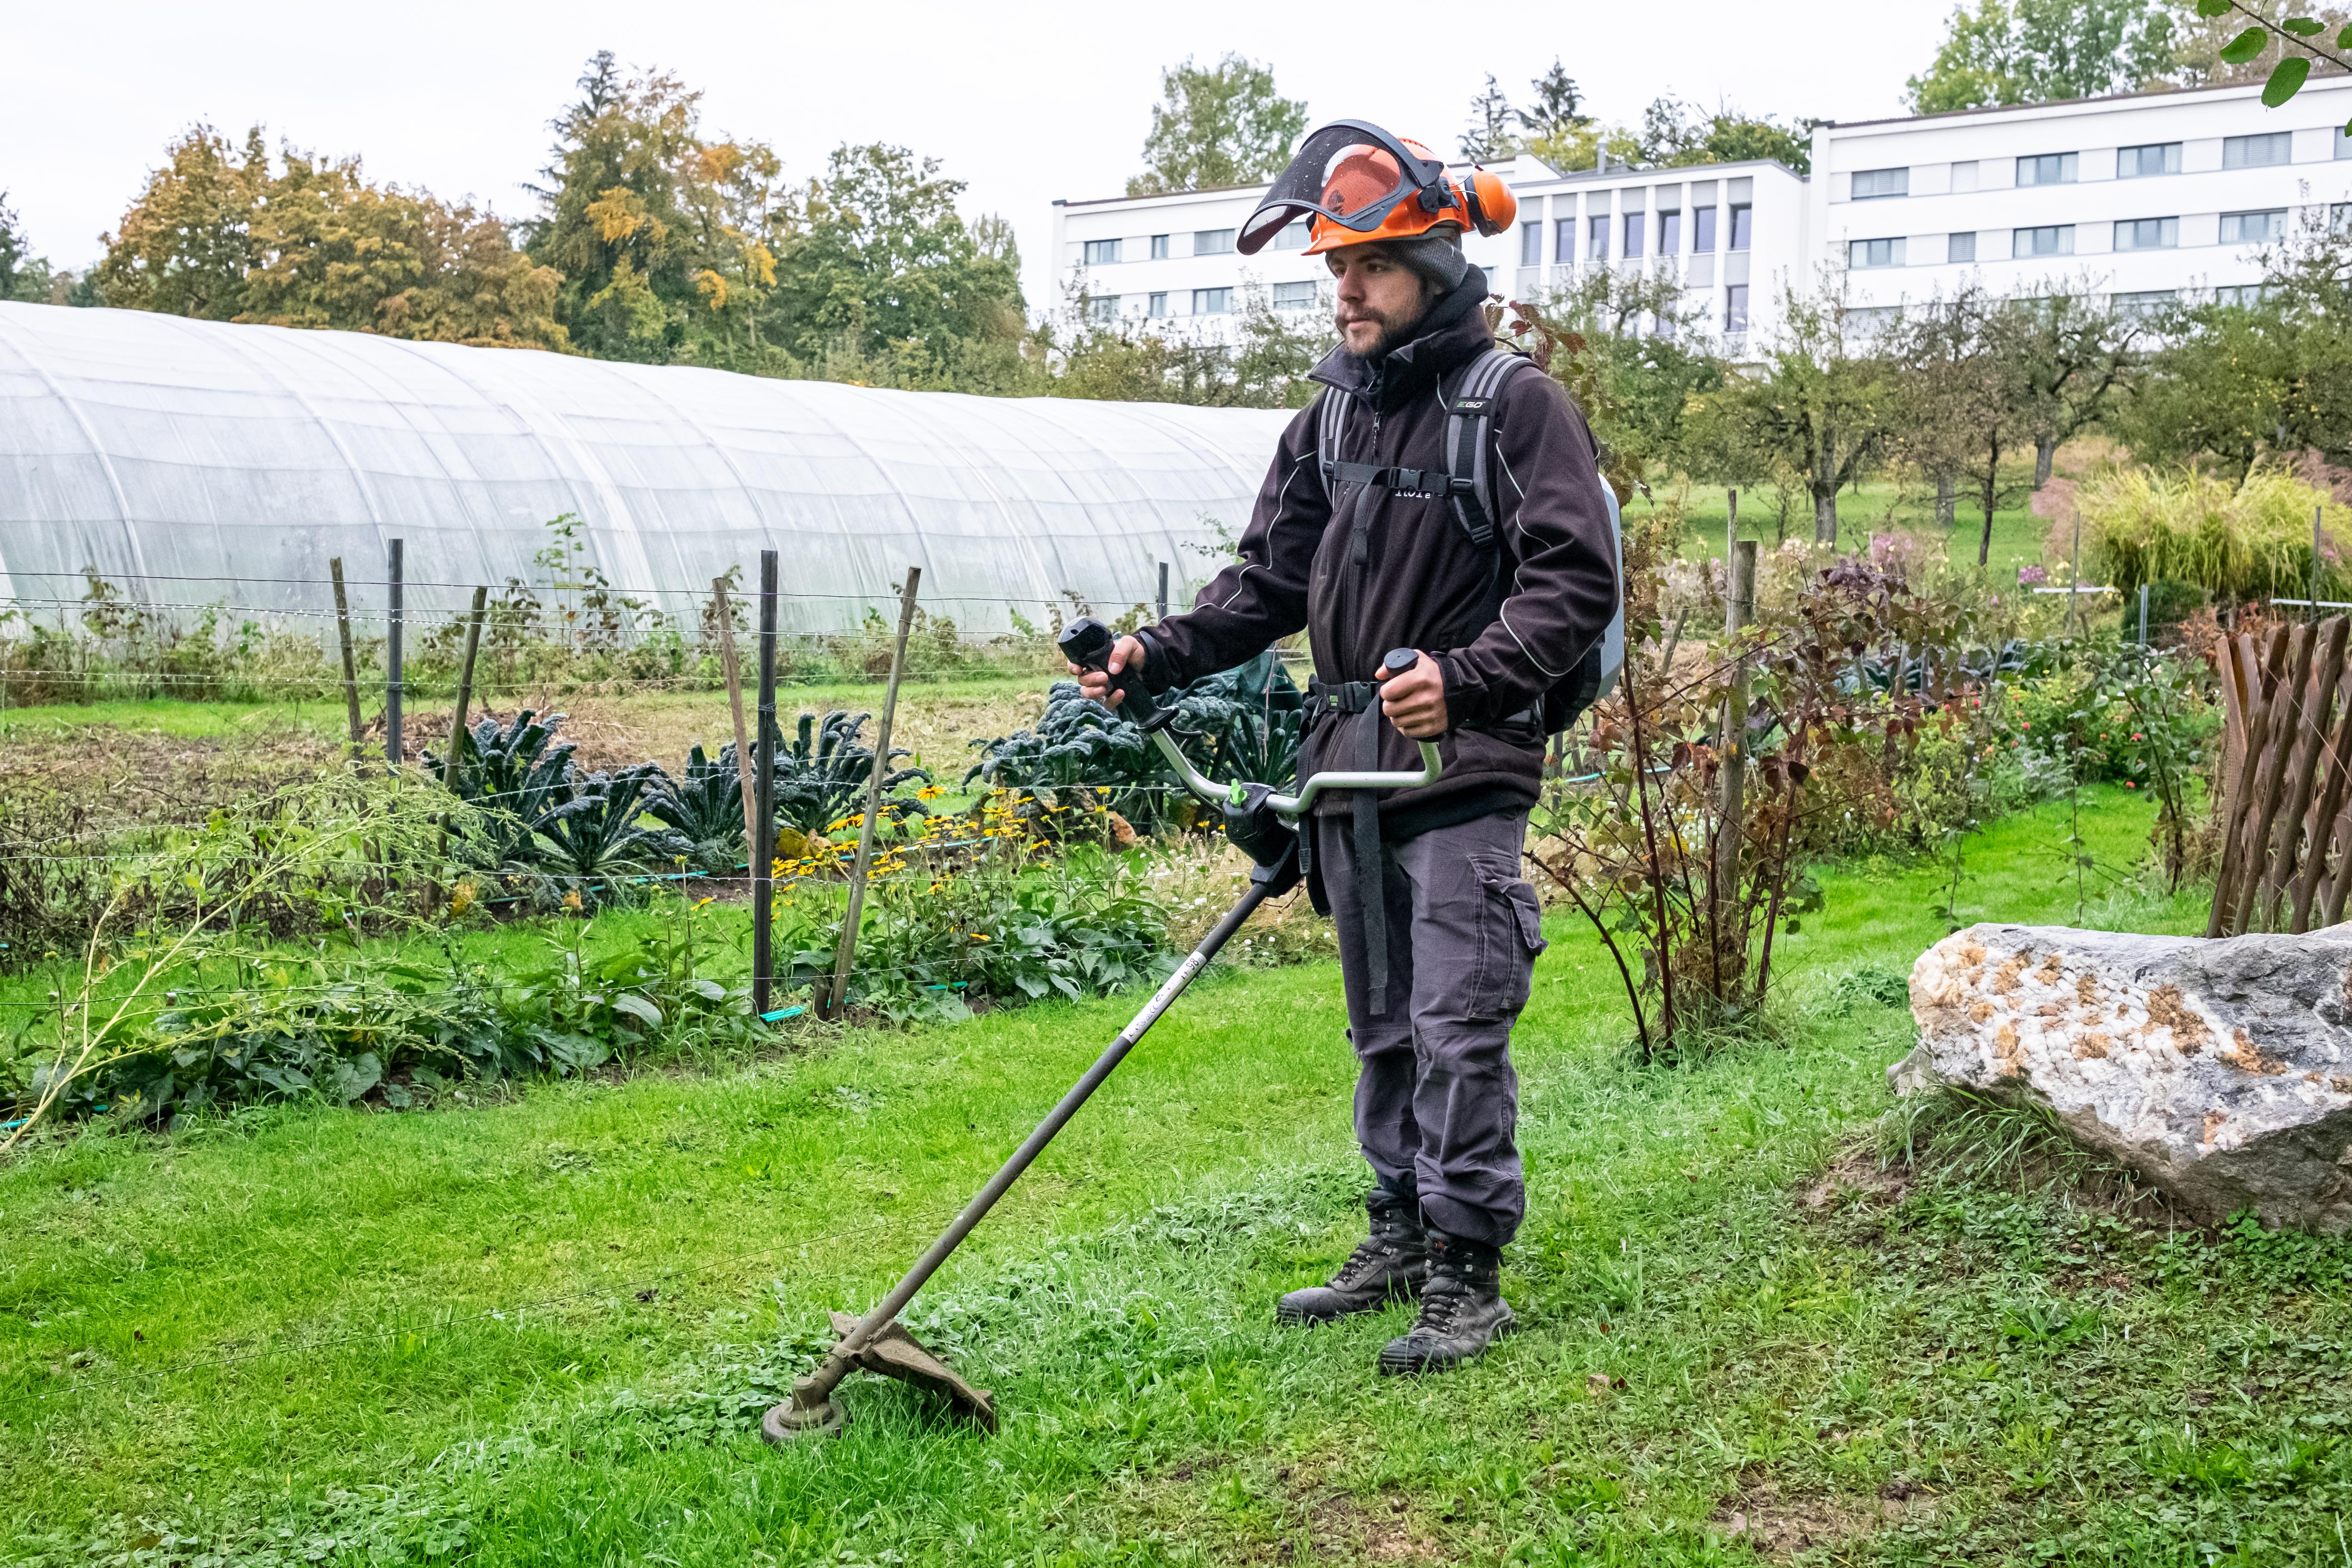 Homme en équipement de sécurité débroussaillant un champ